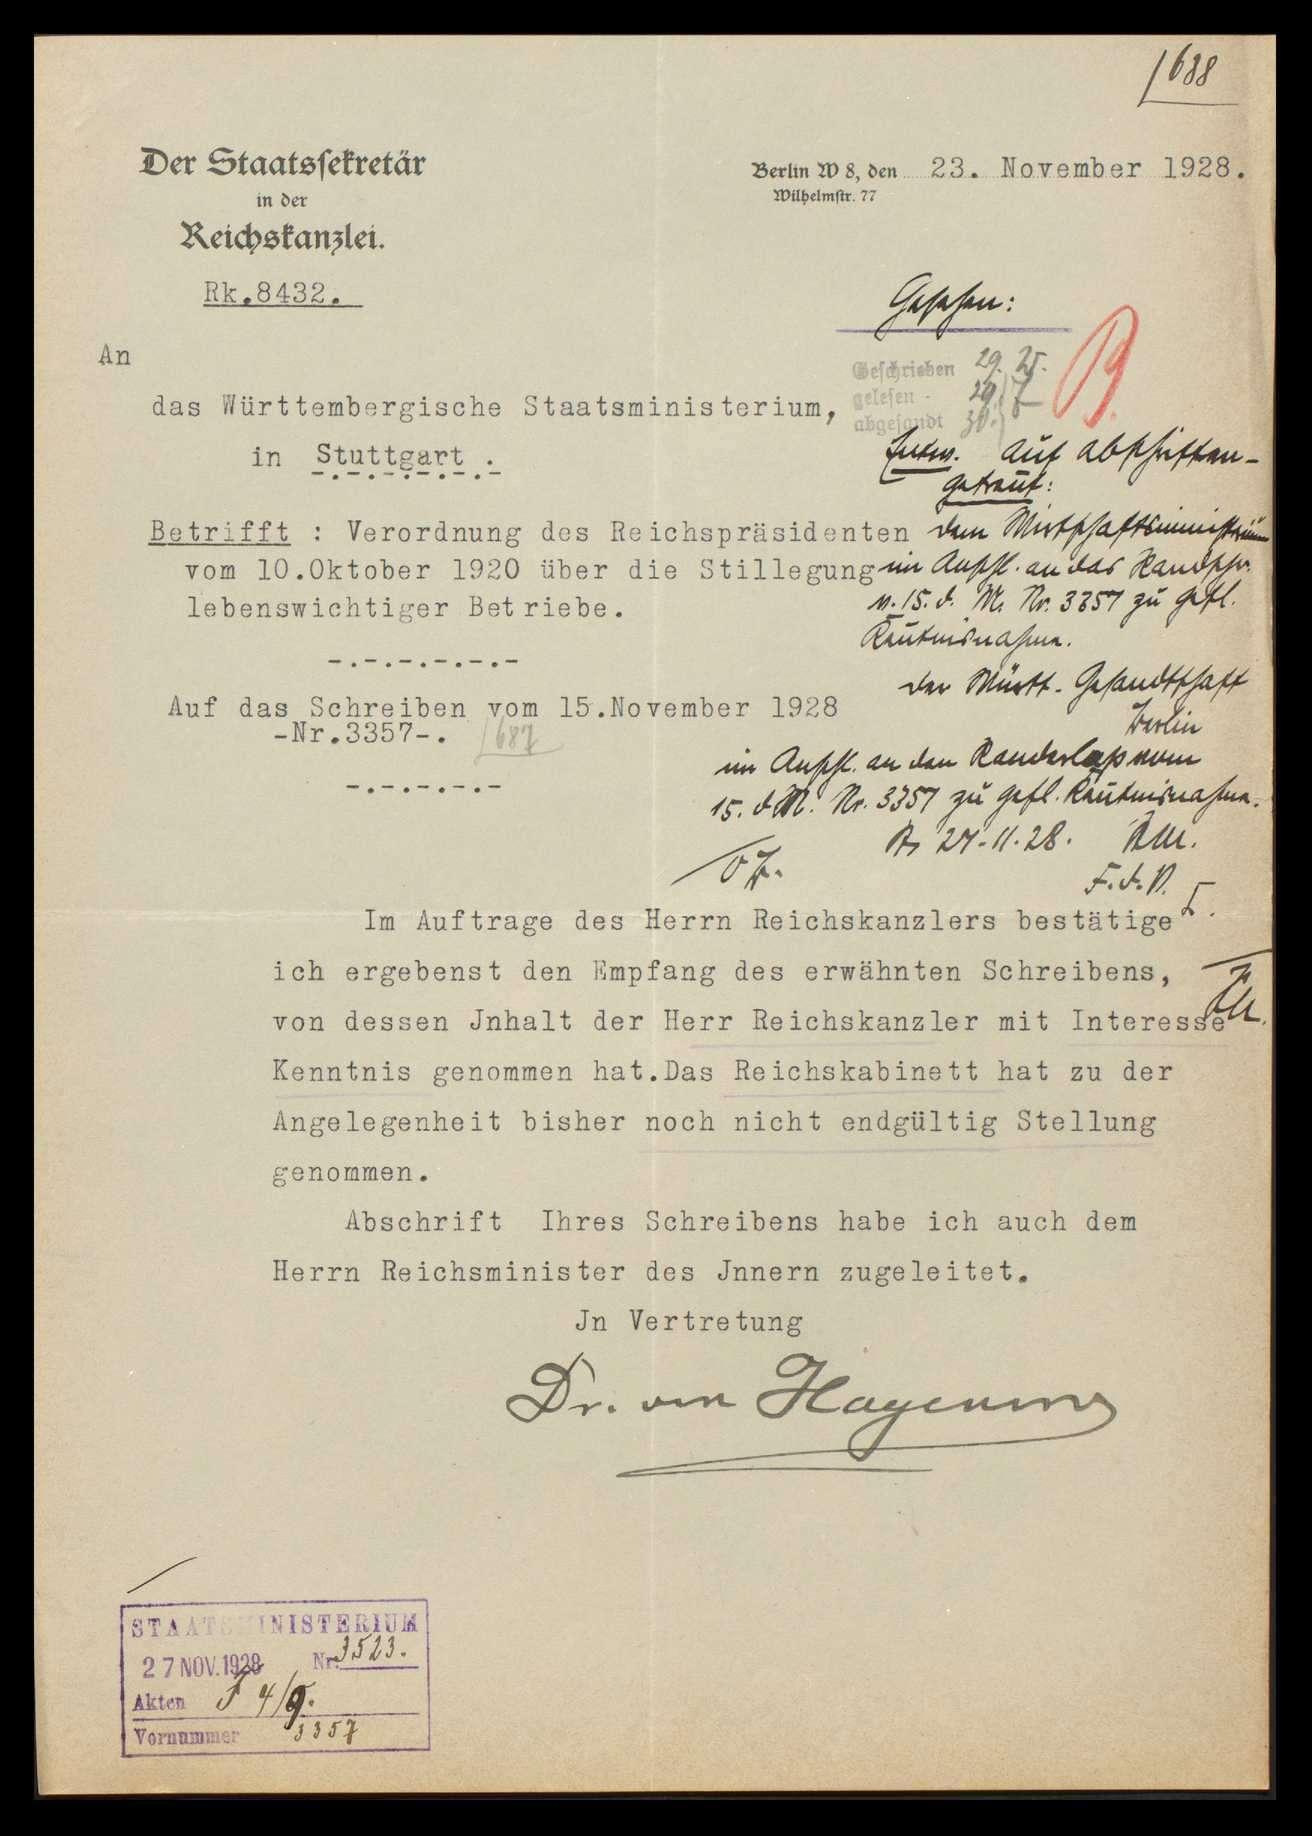 Verordnung des Reichspräsidenten vom 10.10.1920 über die Stillegung von Betrieben, welche die Bevölkerung mit Gas, Wasser und Elektrizität versorgen und Beachtung dieser Bestimmung bei Unruhen und Streiks, Bild 3